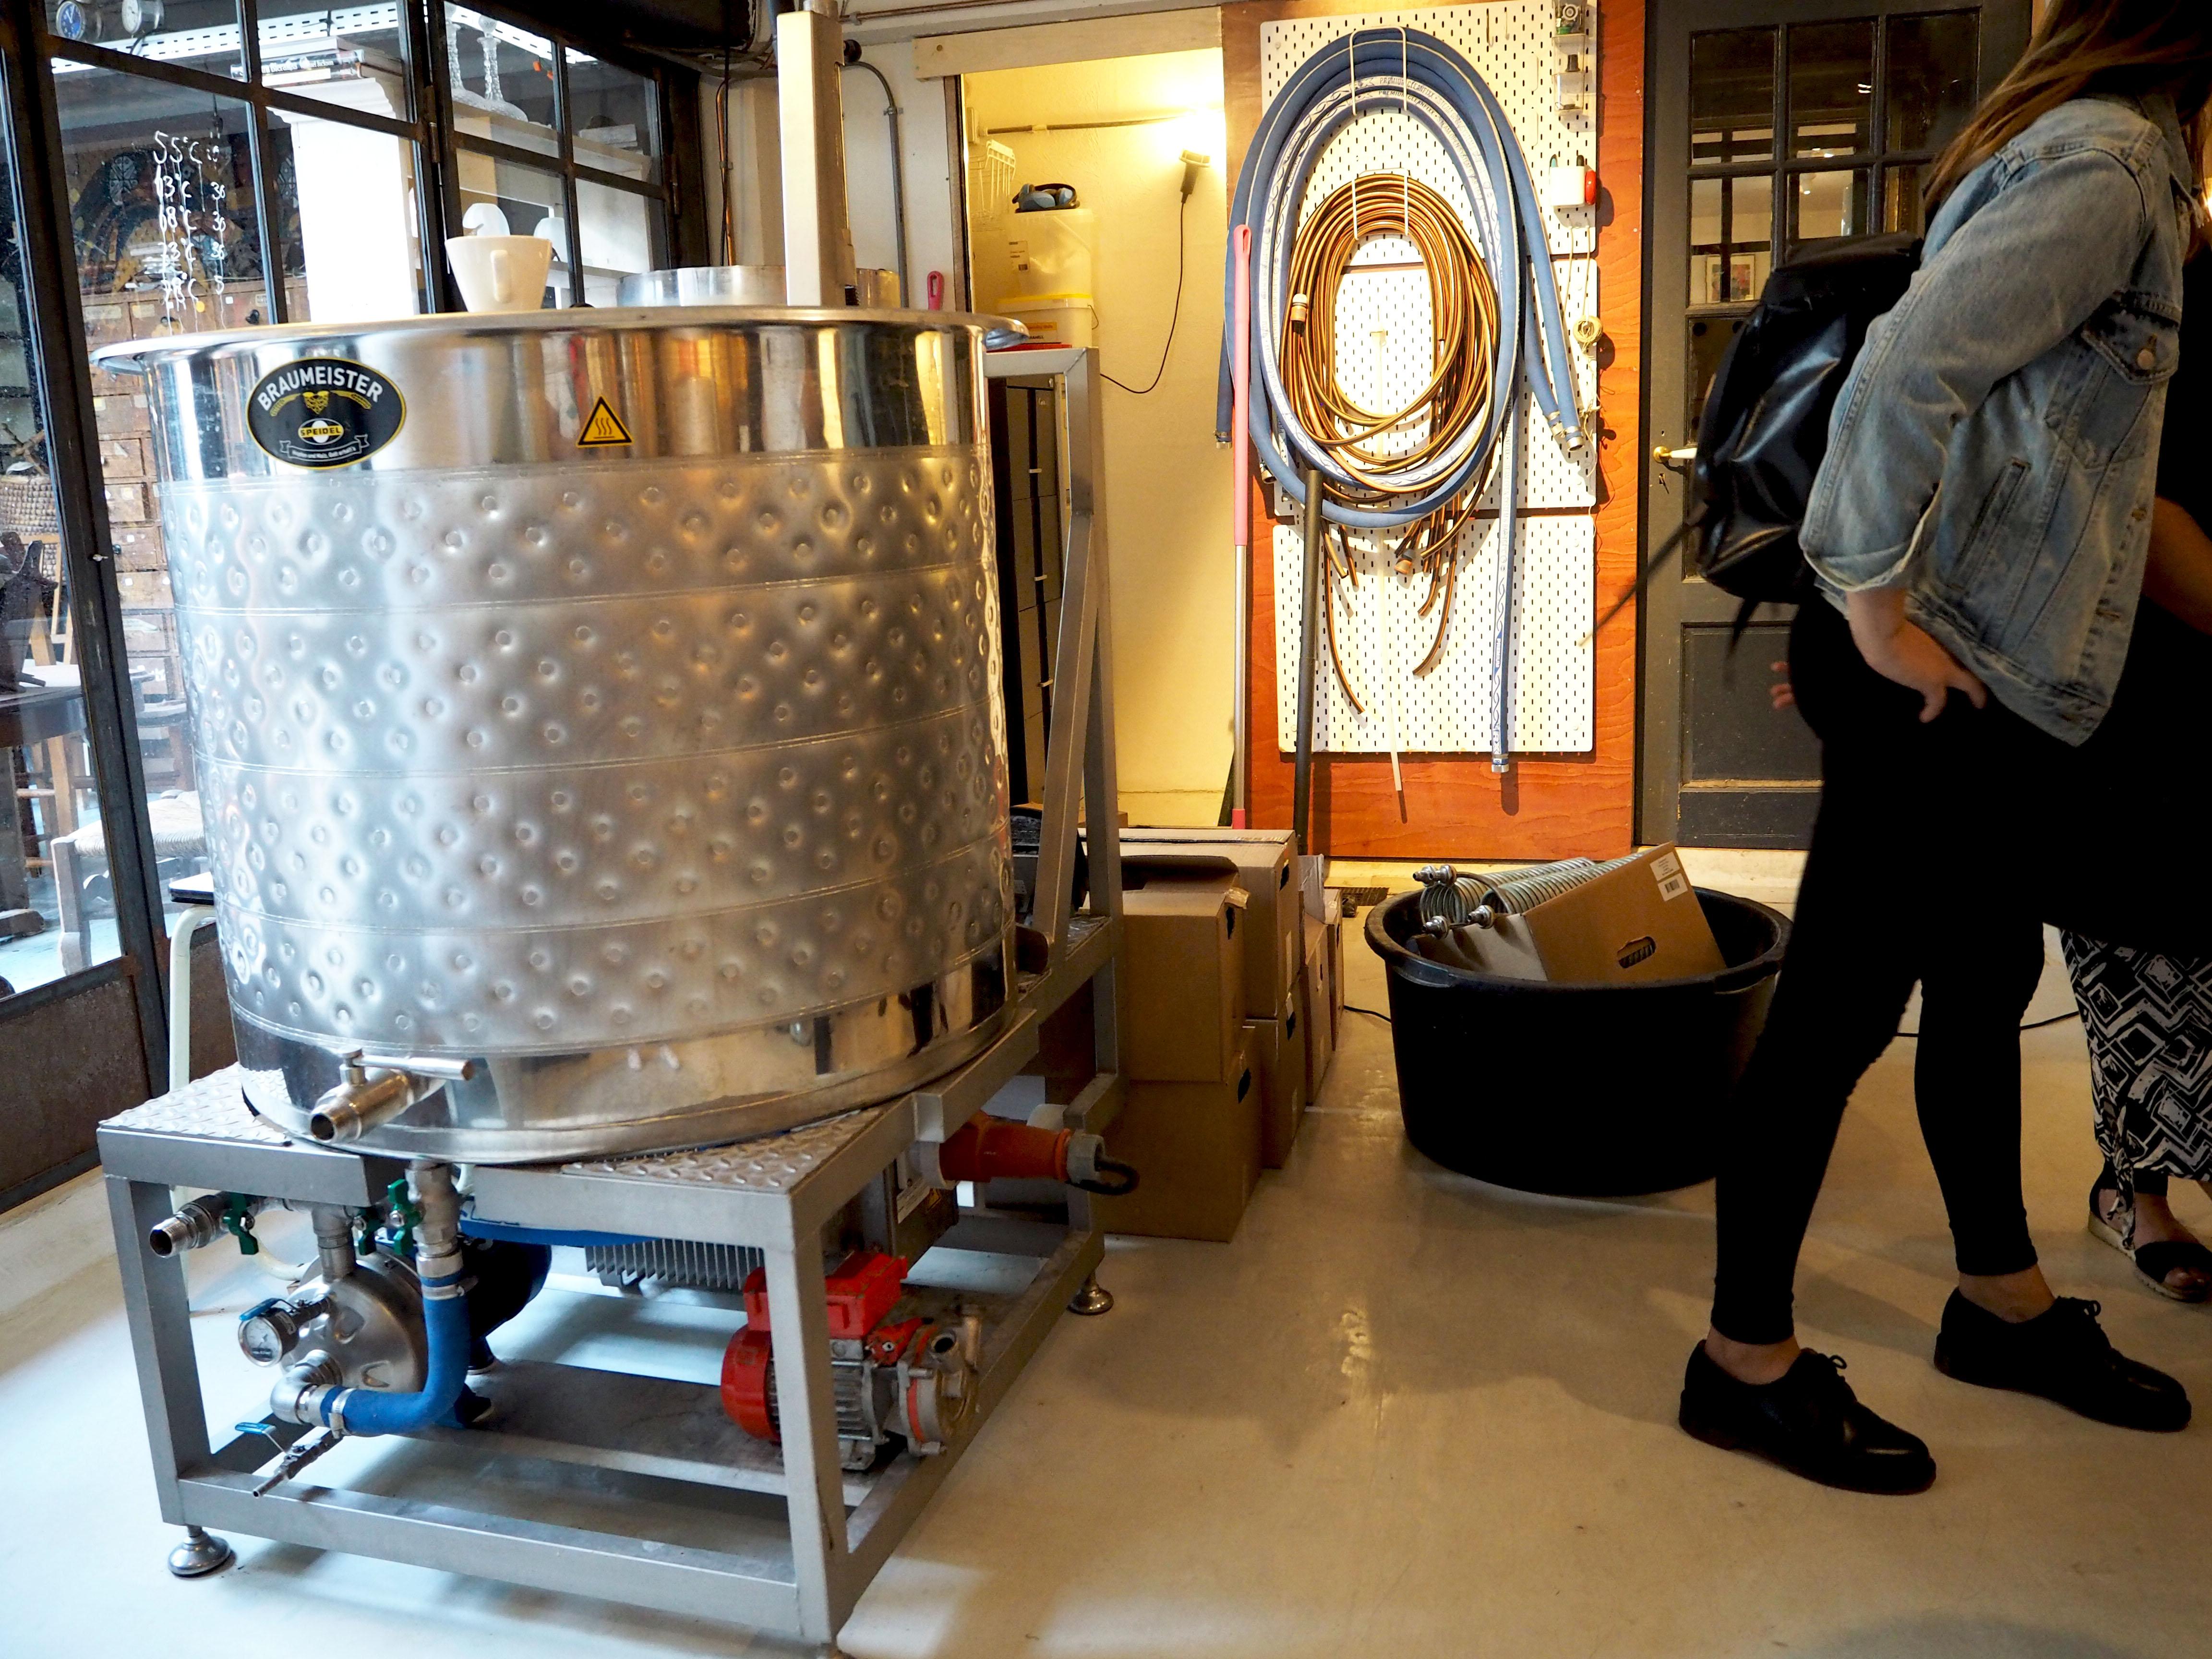 brouwerij boegbeeld